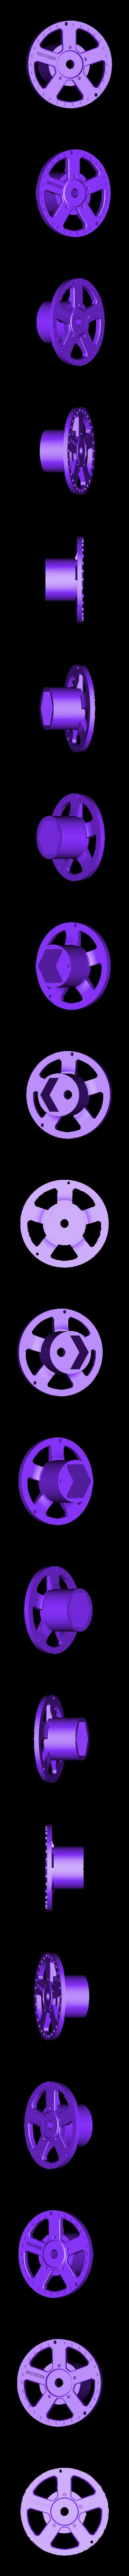 rim face (rear right).stl Télécharger fichier STL gratuit 1991 Mazda 787B 3d Voiture RC imprimée de 1991 • Objet à imprimer en 3D, brett